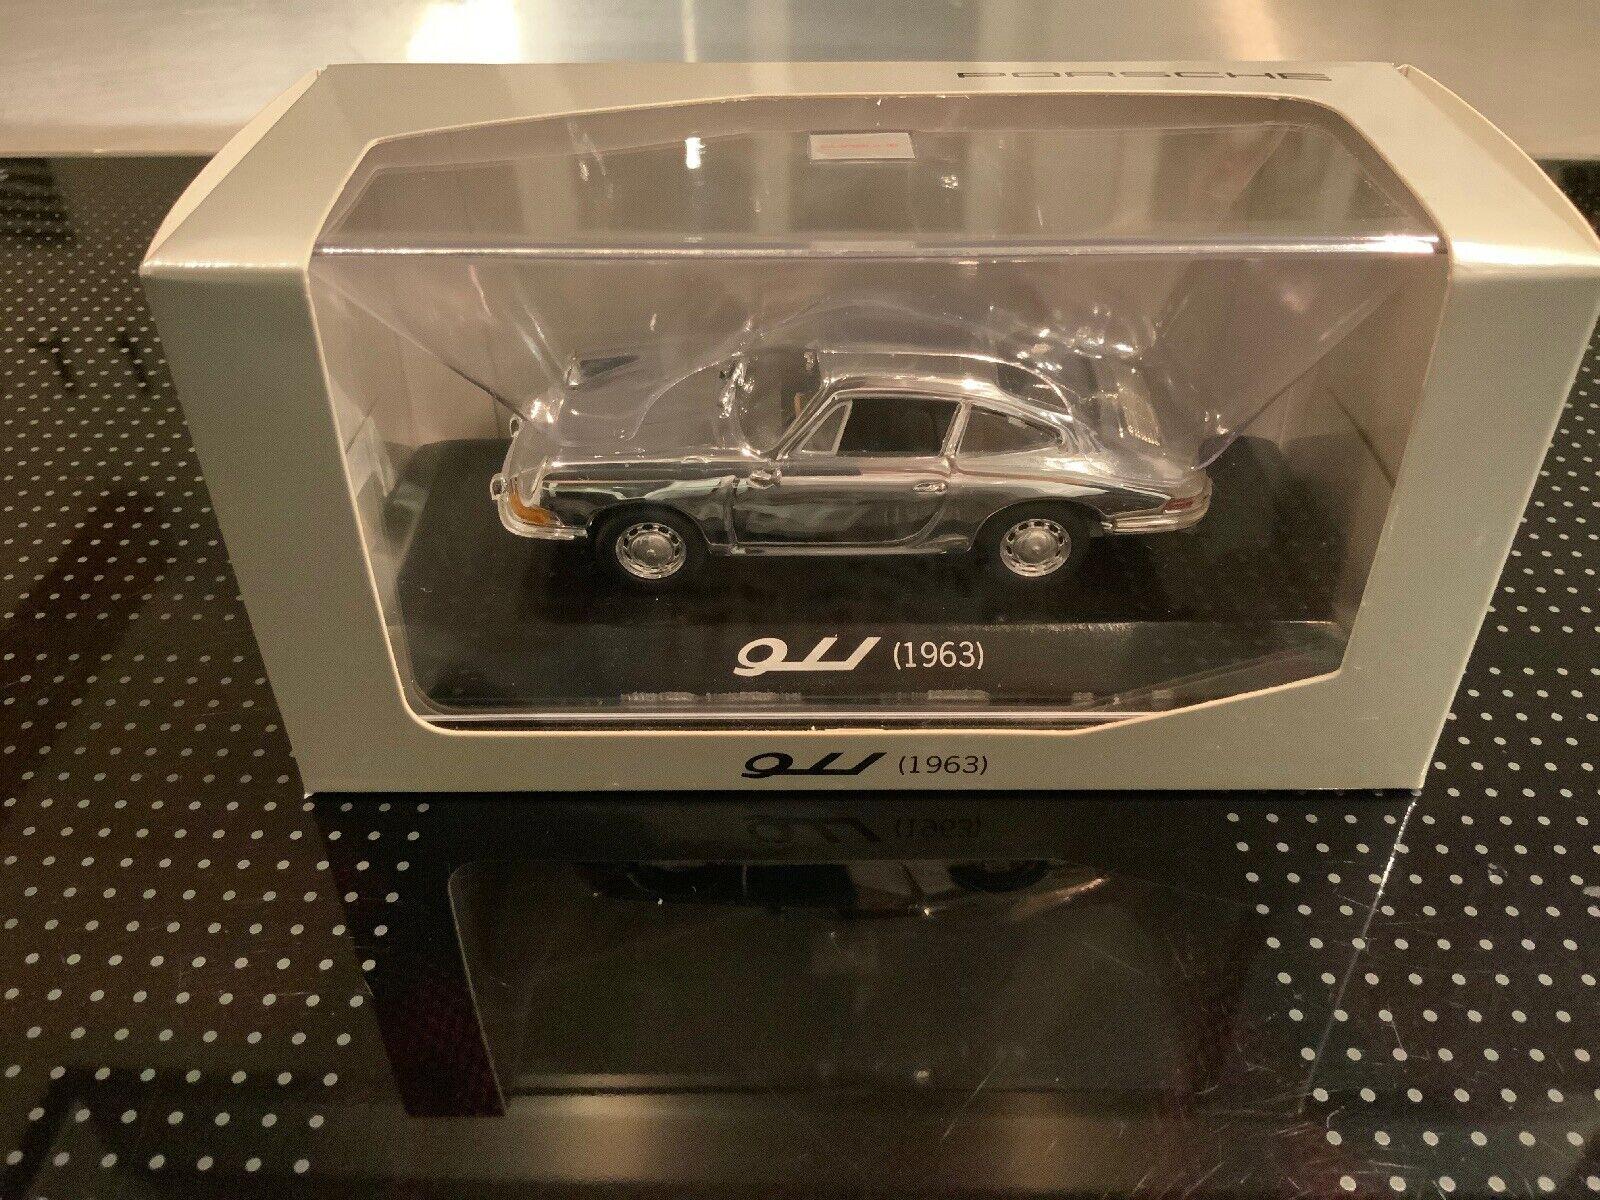 sconto online di vendita PORSCHE 911 (1963) Limited edizione edizione edizione 40 anni 911 Minichamps 1 43 NUOVO OVP  online al miglior prezzo